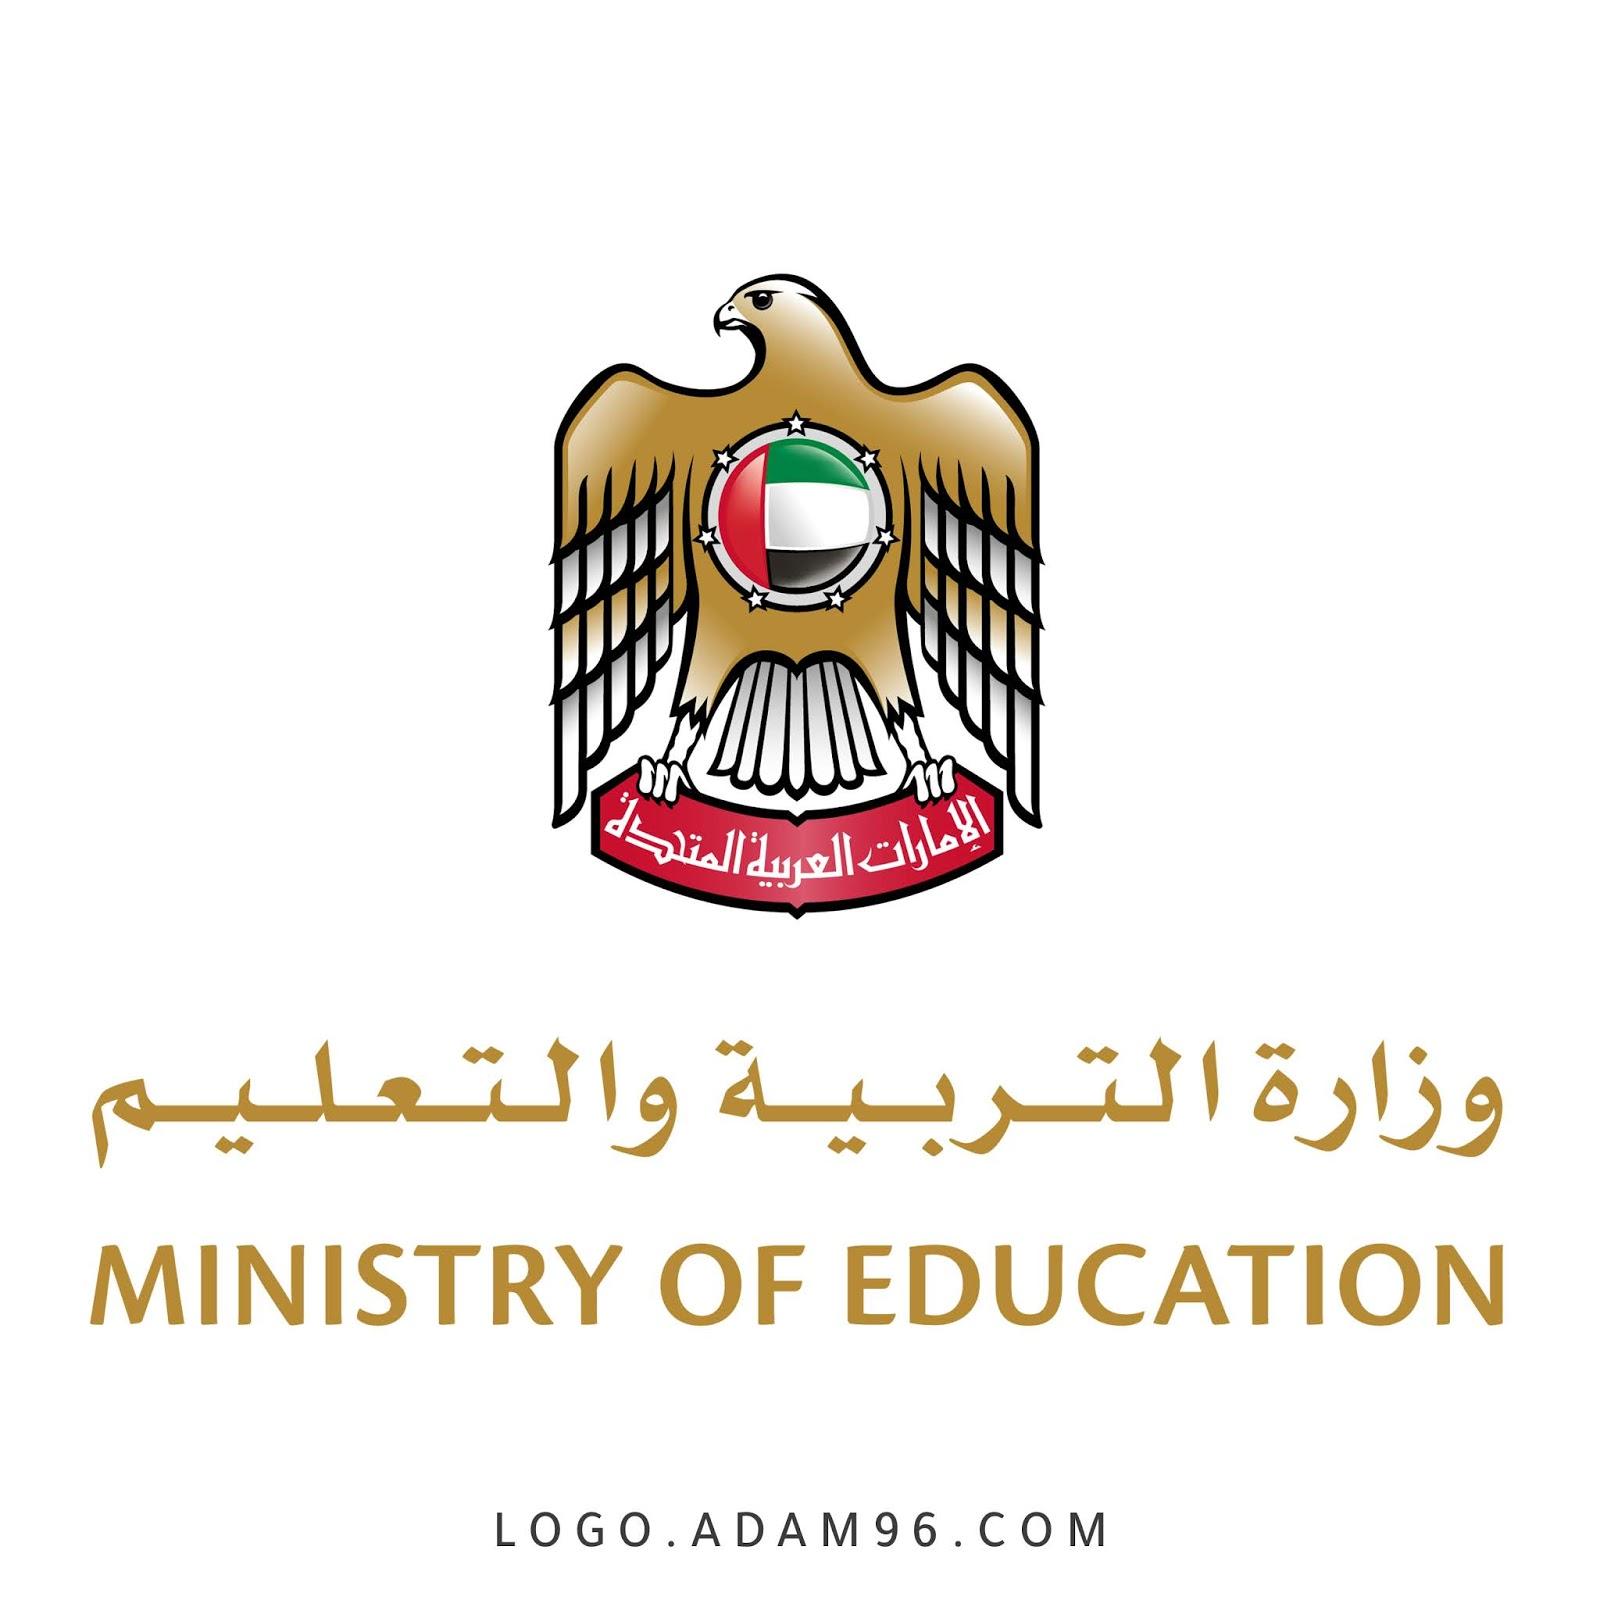 شعار وزارة التربية والتعليم الامارات - MINISTRY OF EDUCATION